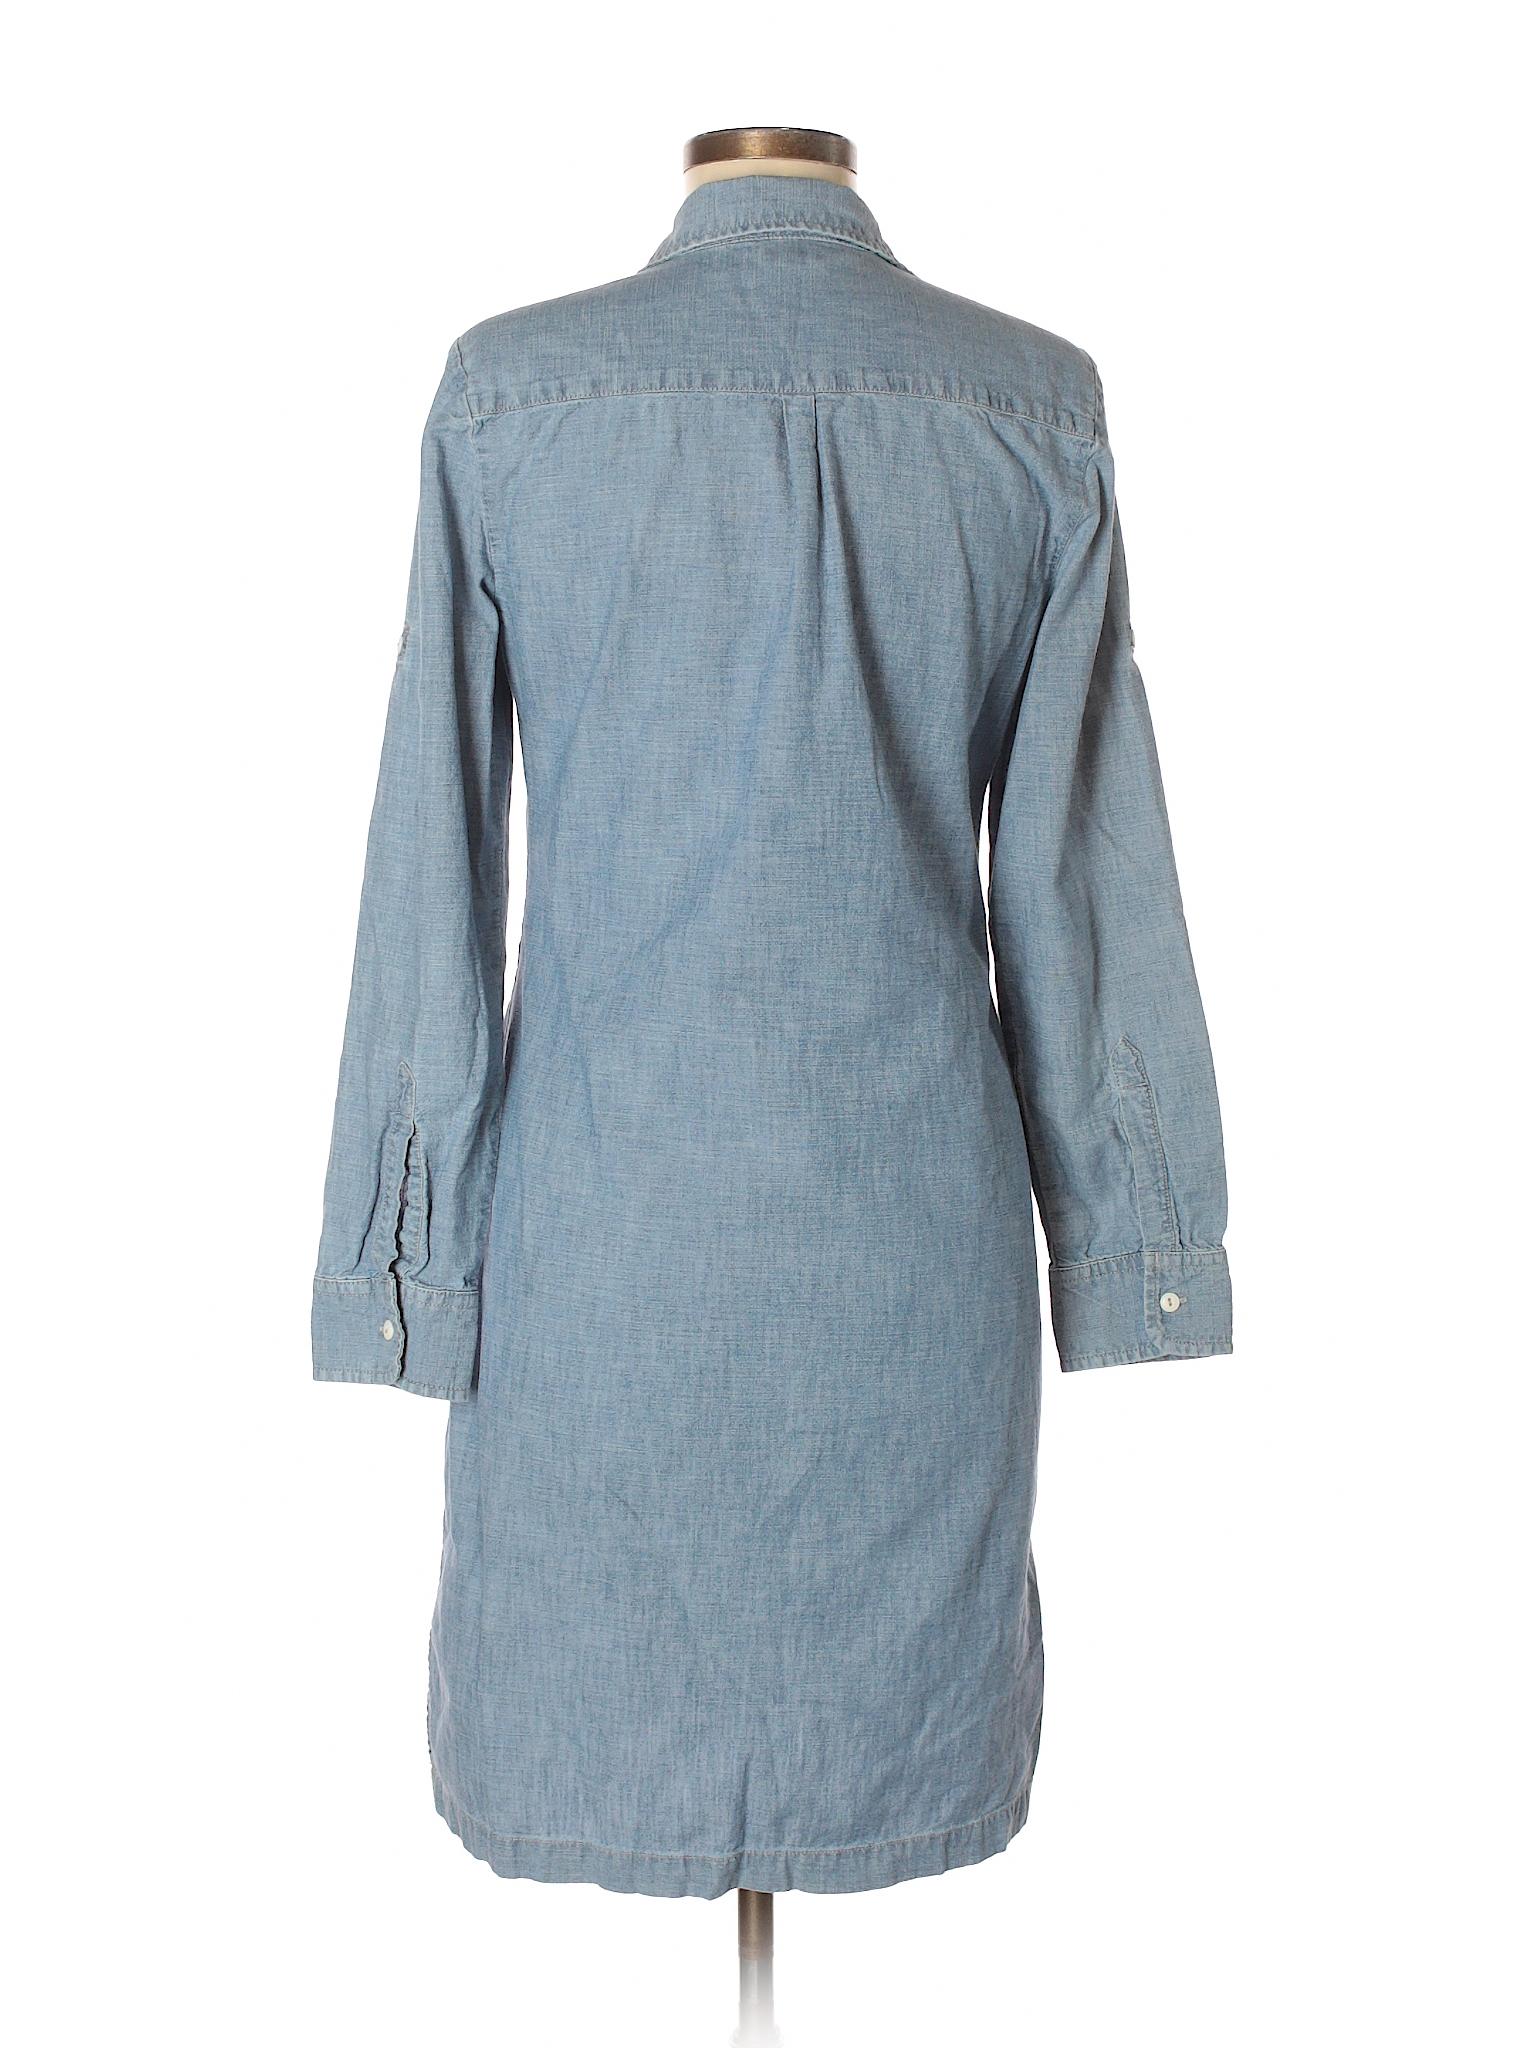 Bean L Dress Casual winter L Boutique qBxUtEw